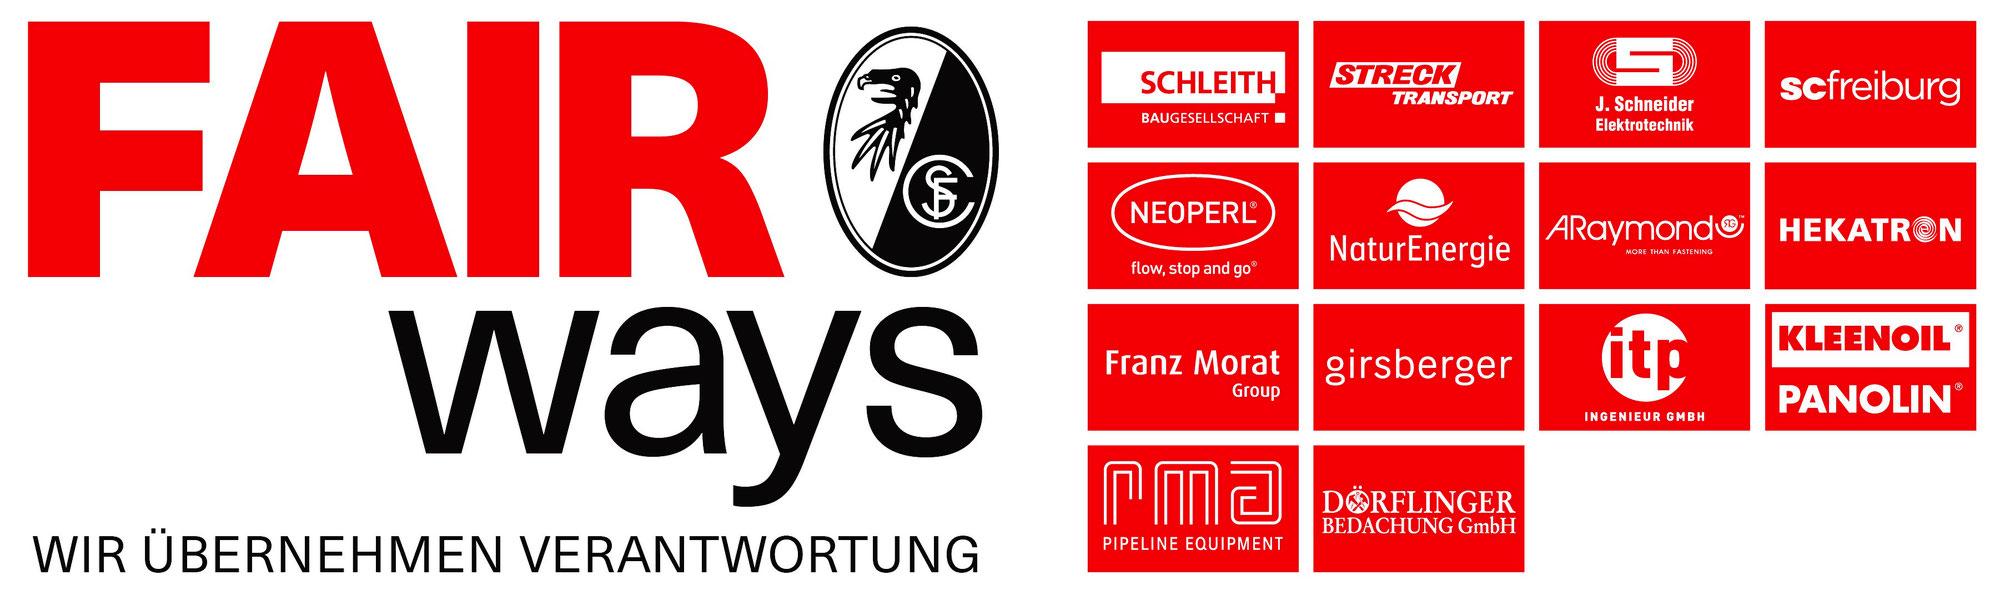 Besuchsdienst Freiburg erhält den FAIR ways Preis